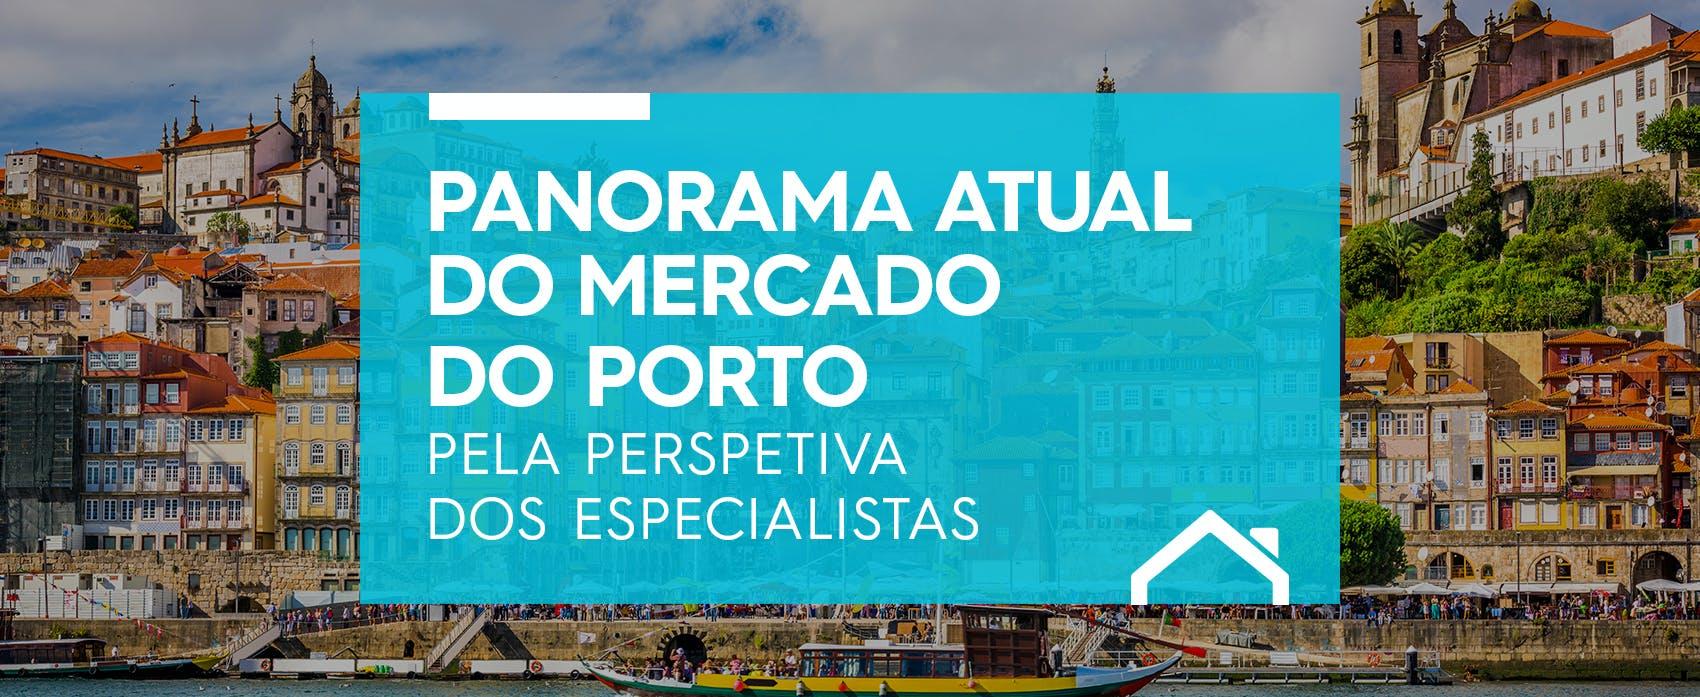 O panorama atual do Mercado Imobiliário do Porto pela perspectiva dos Especialistas